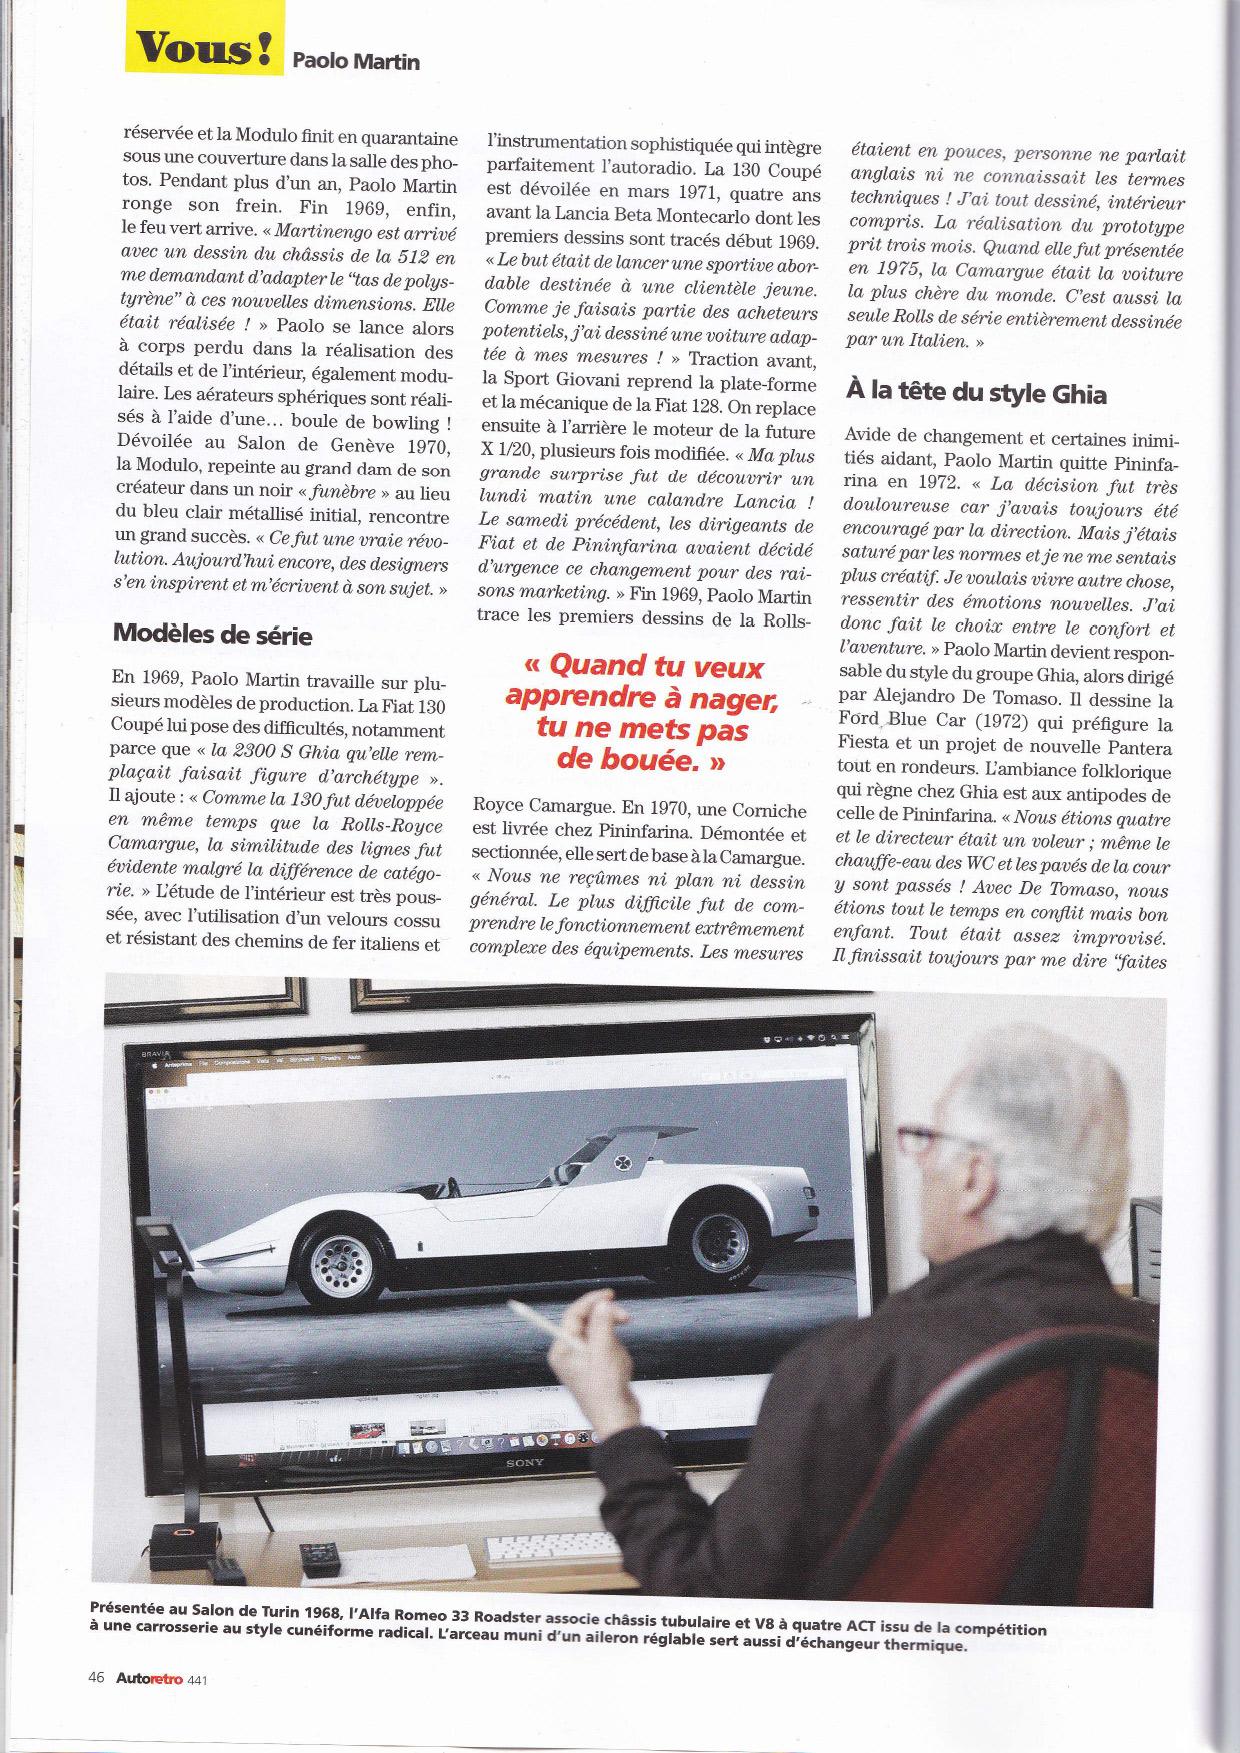 Autoretro 2019 Paolo Martin Fiat 130